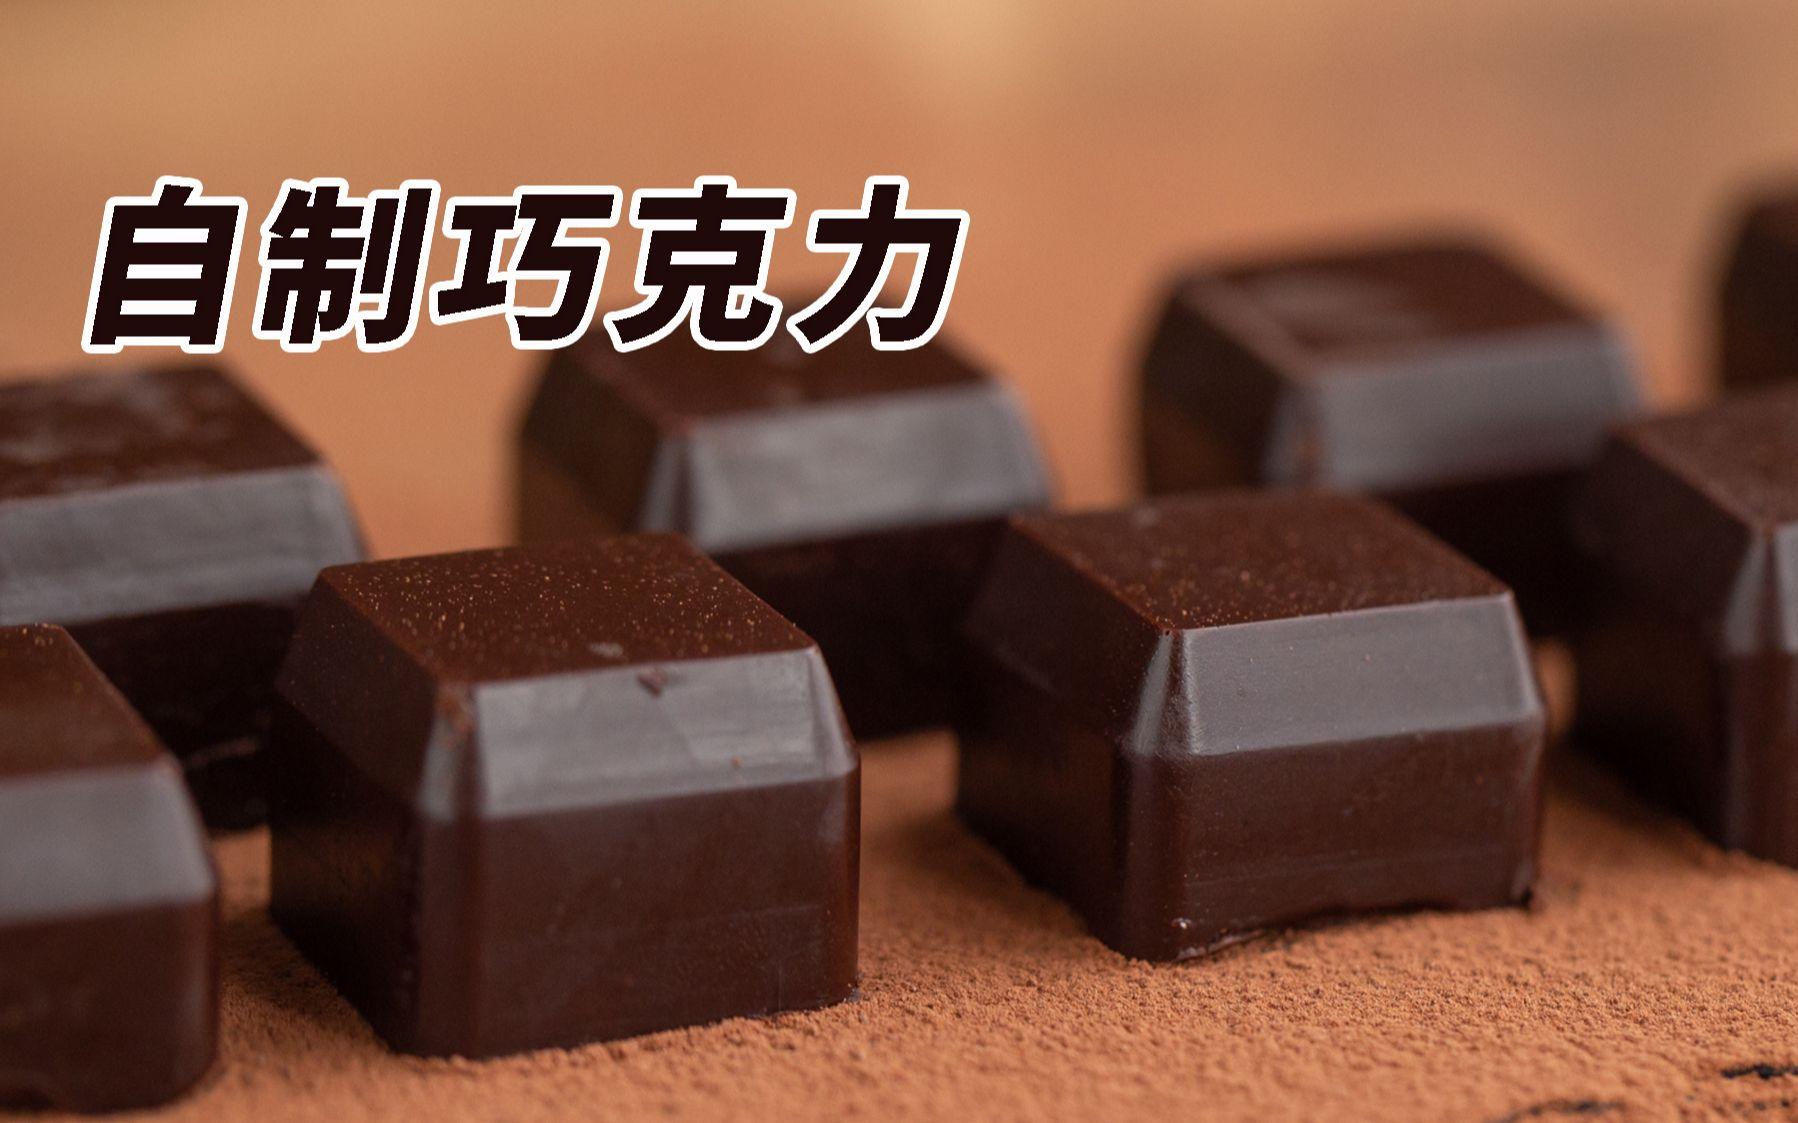 UP用可可粉自制巧克力,做法挺简单,味道超浓郁